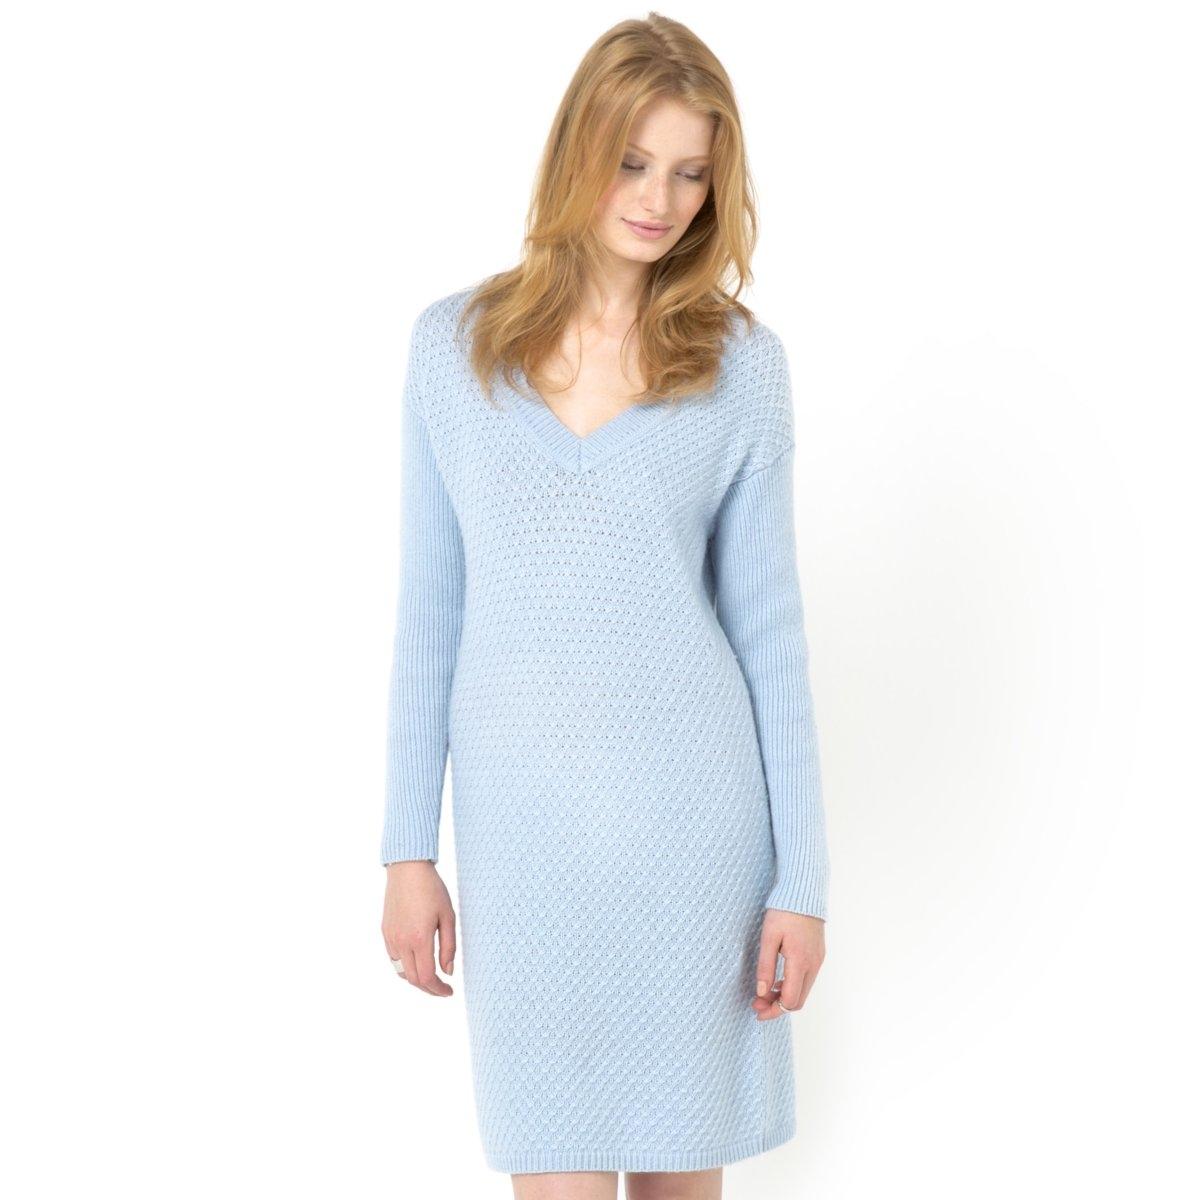 Платье трикотажное<br><br>Цвет: небесно-голубой<br>Размер: 38/40 (FR) - 44/46 (RUS)